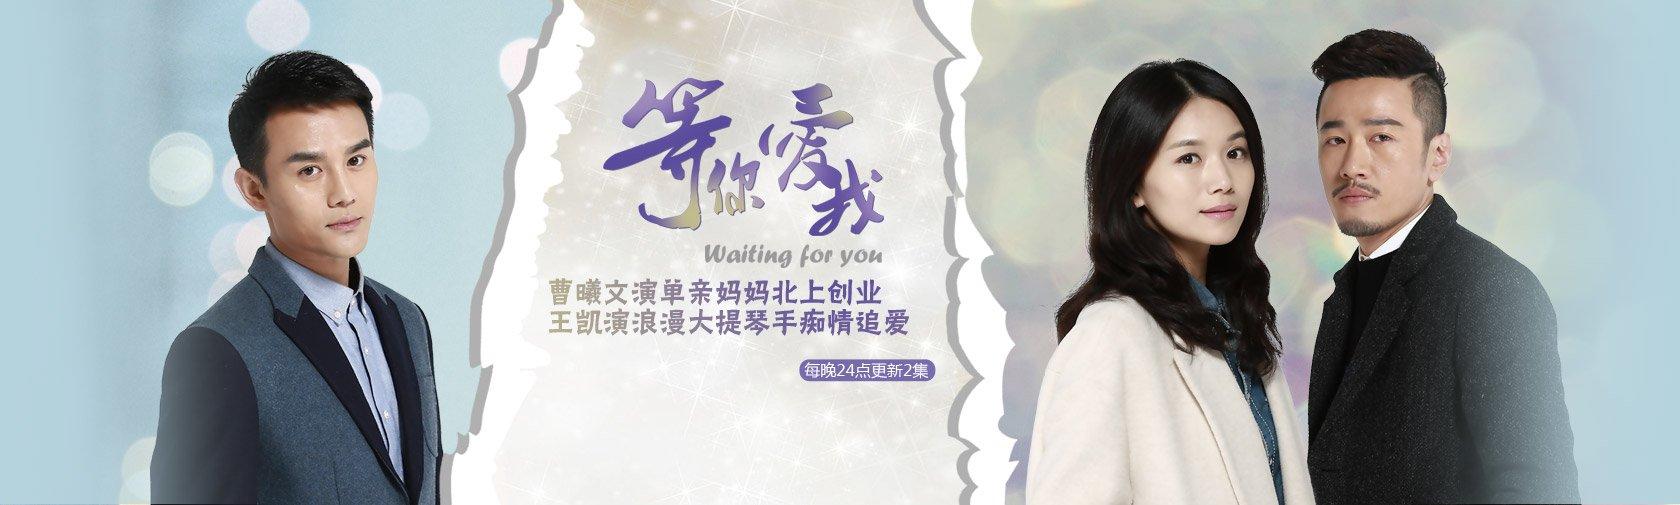 等你爱我[至06集] 难守空房!王凯闹离婚